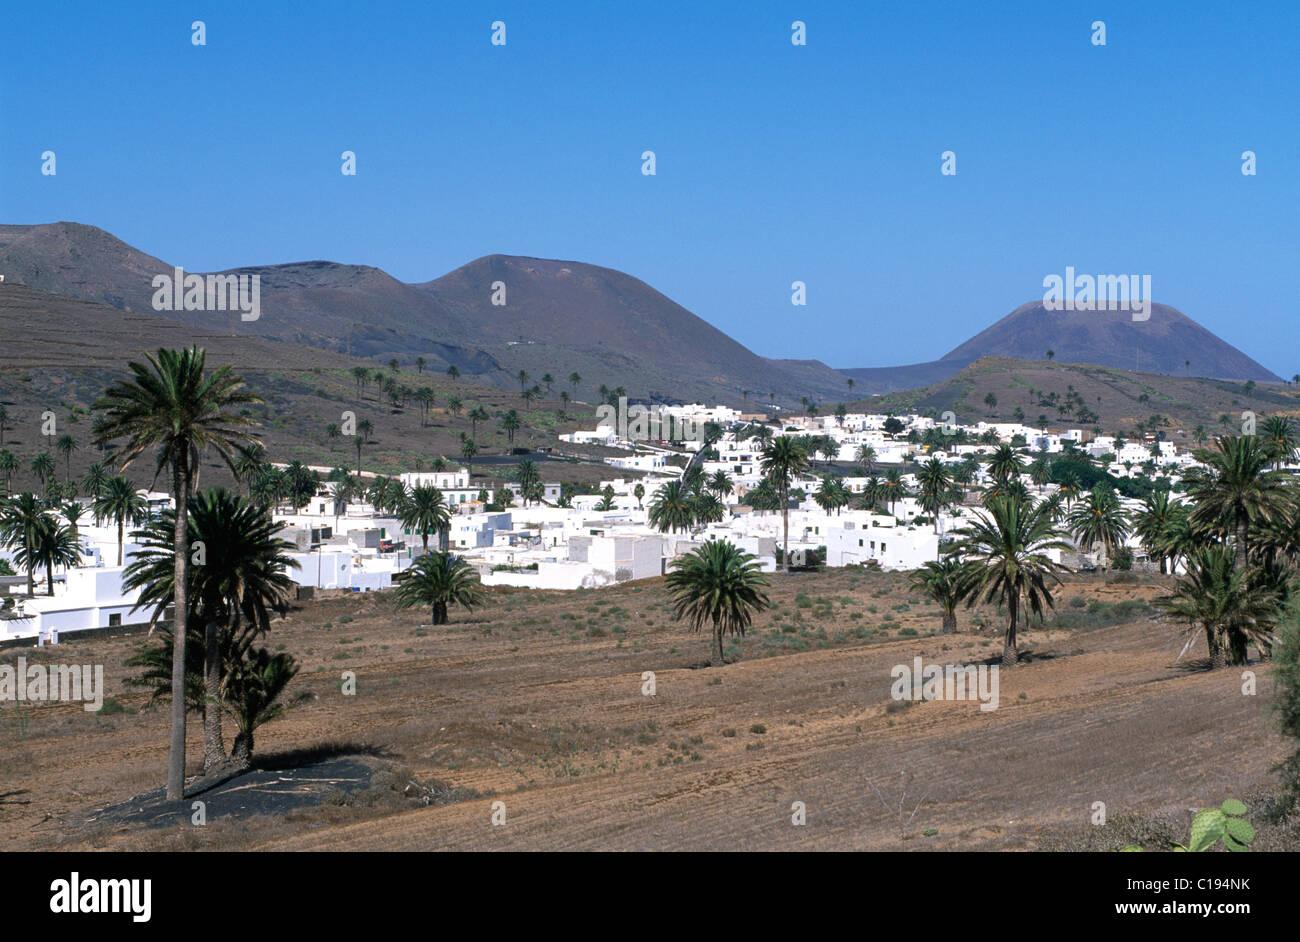 Palm-Baum Oase Haria, Lanzarote, Kanarische Inseln, Spanien, Europa Stockbild